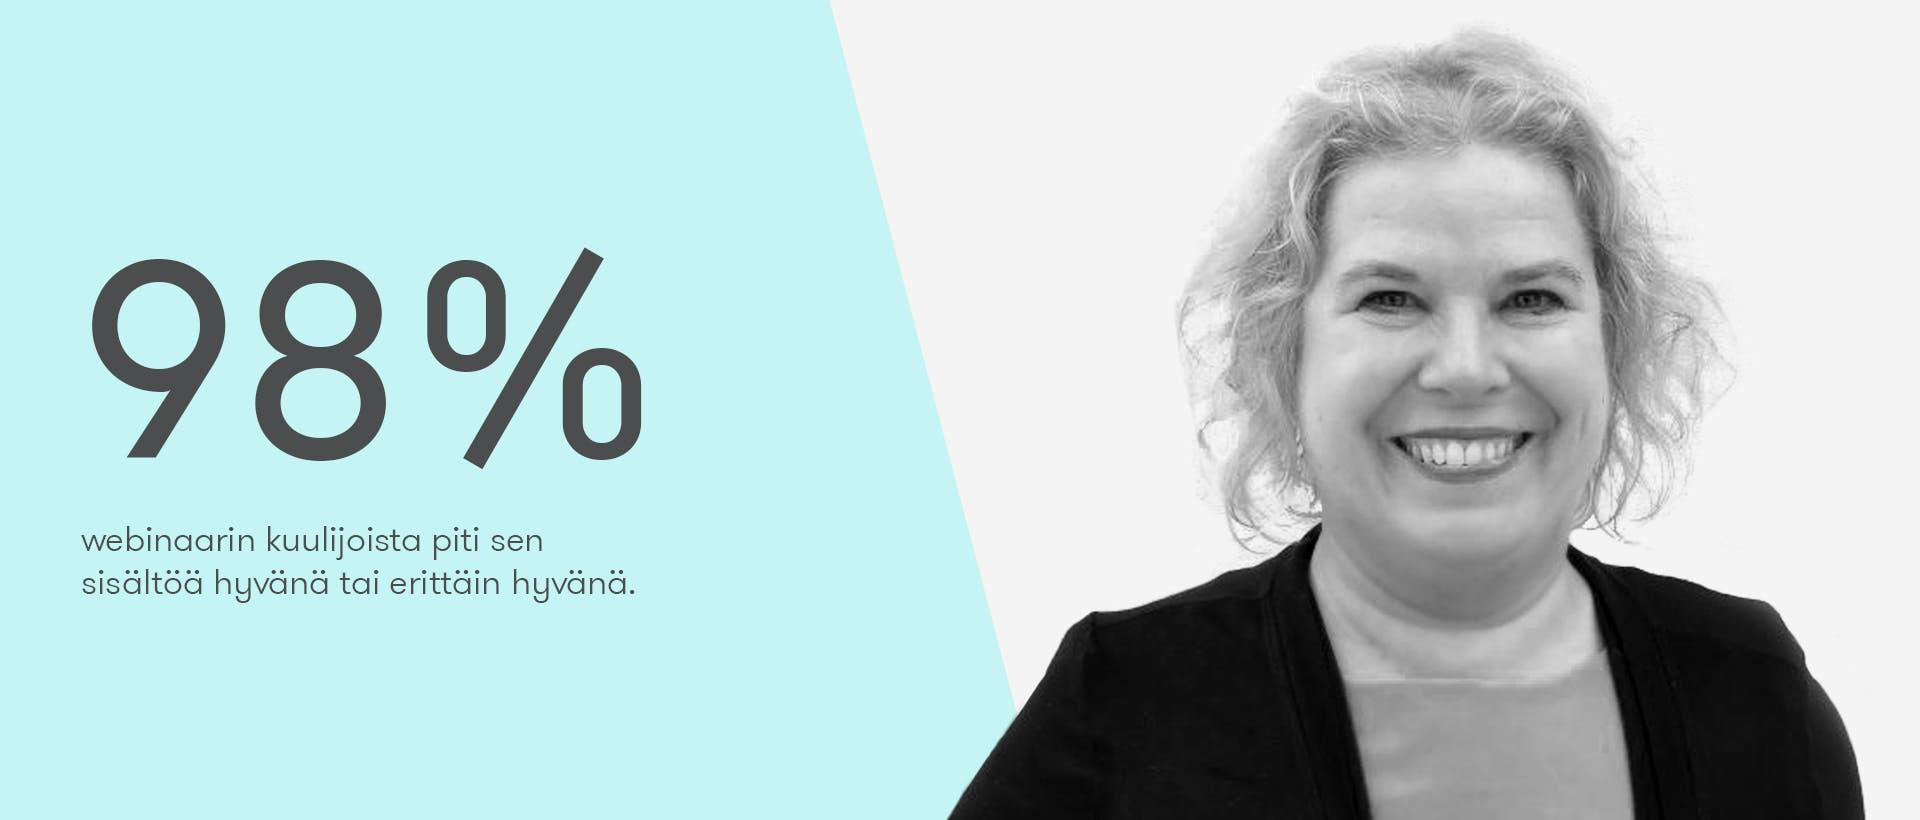 10 oppia Verohallinnon viestinnästä -webinaarin puhuja Nilla Hietamäki